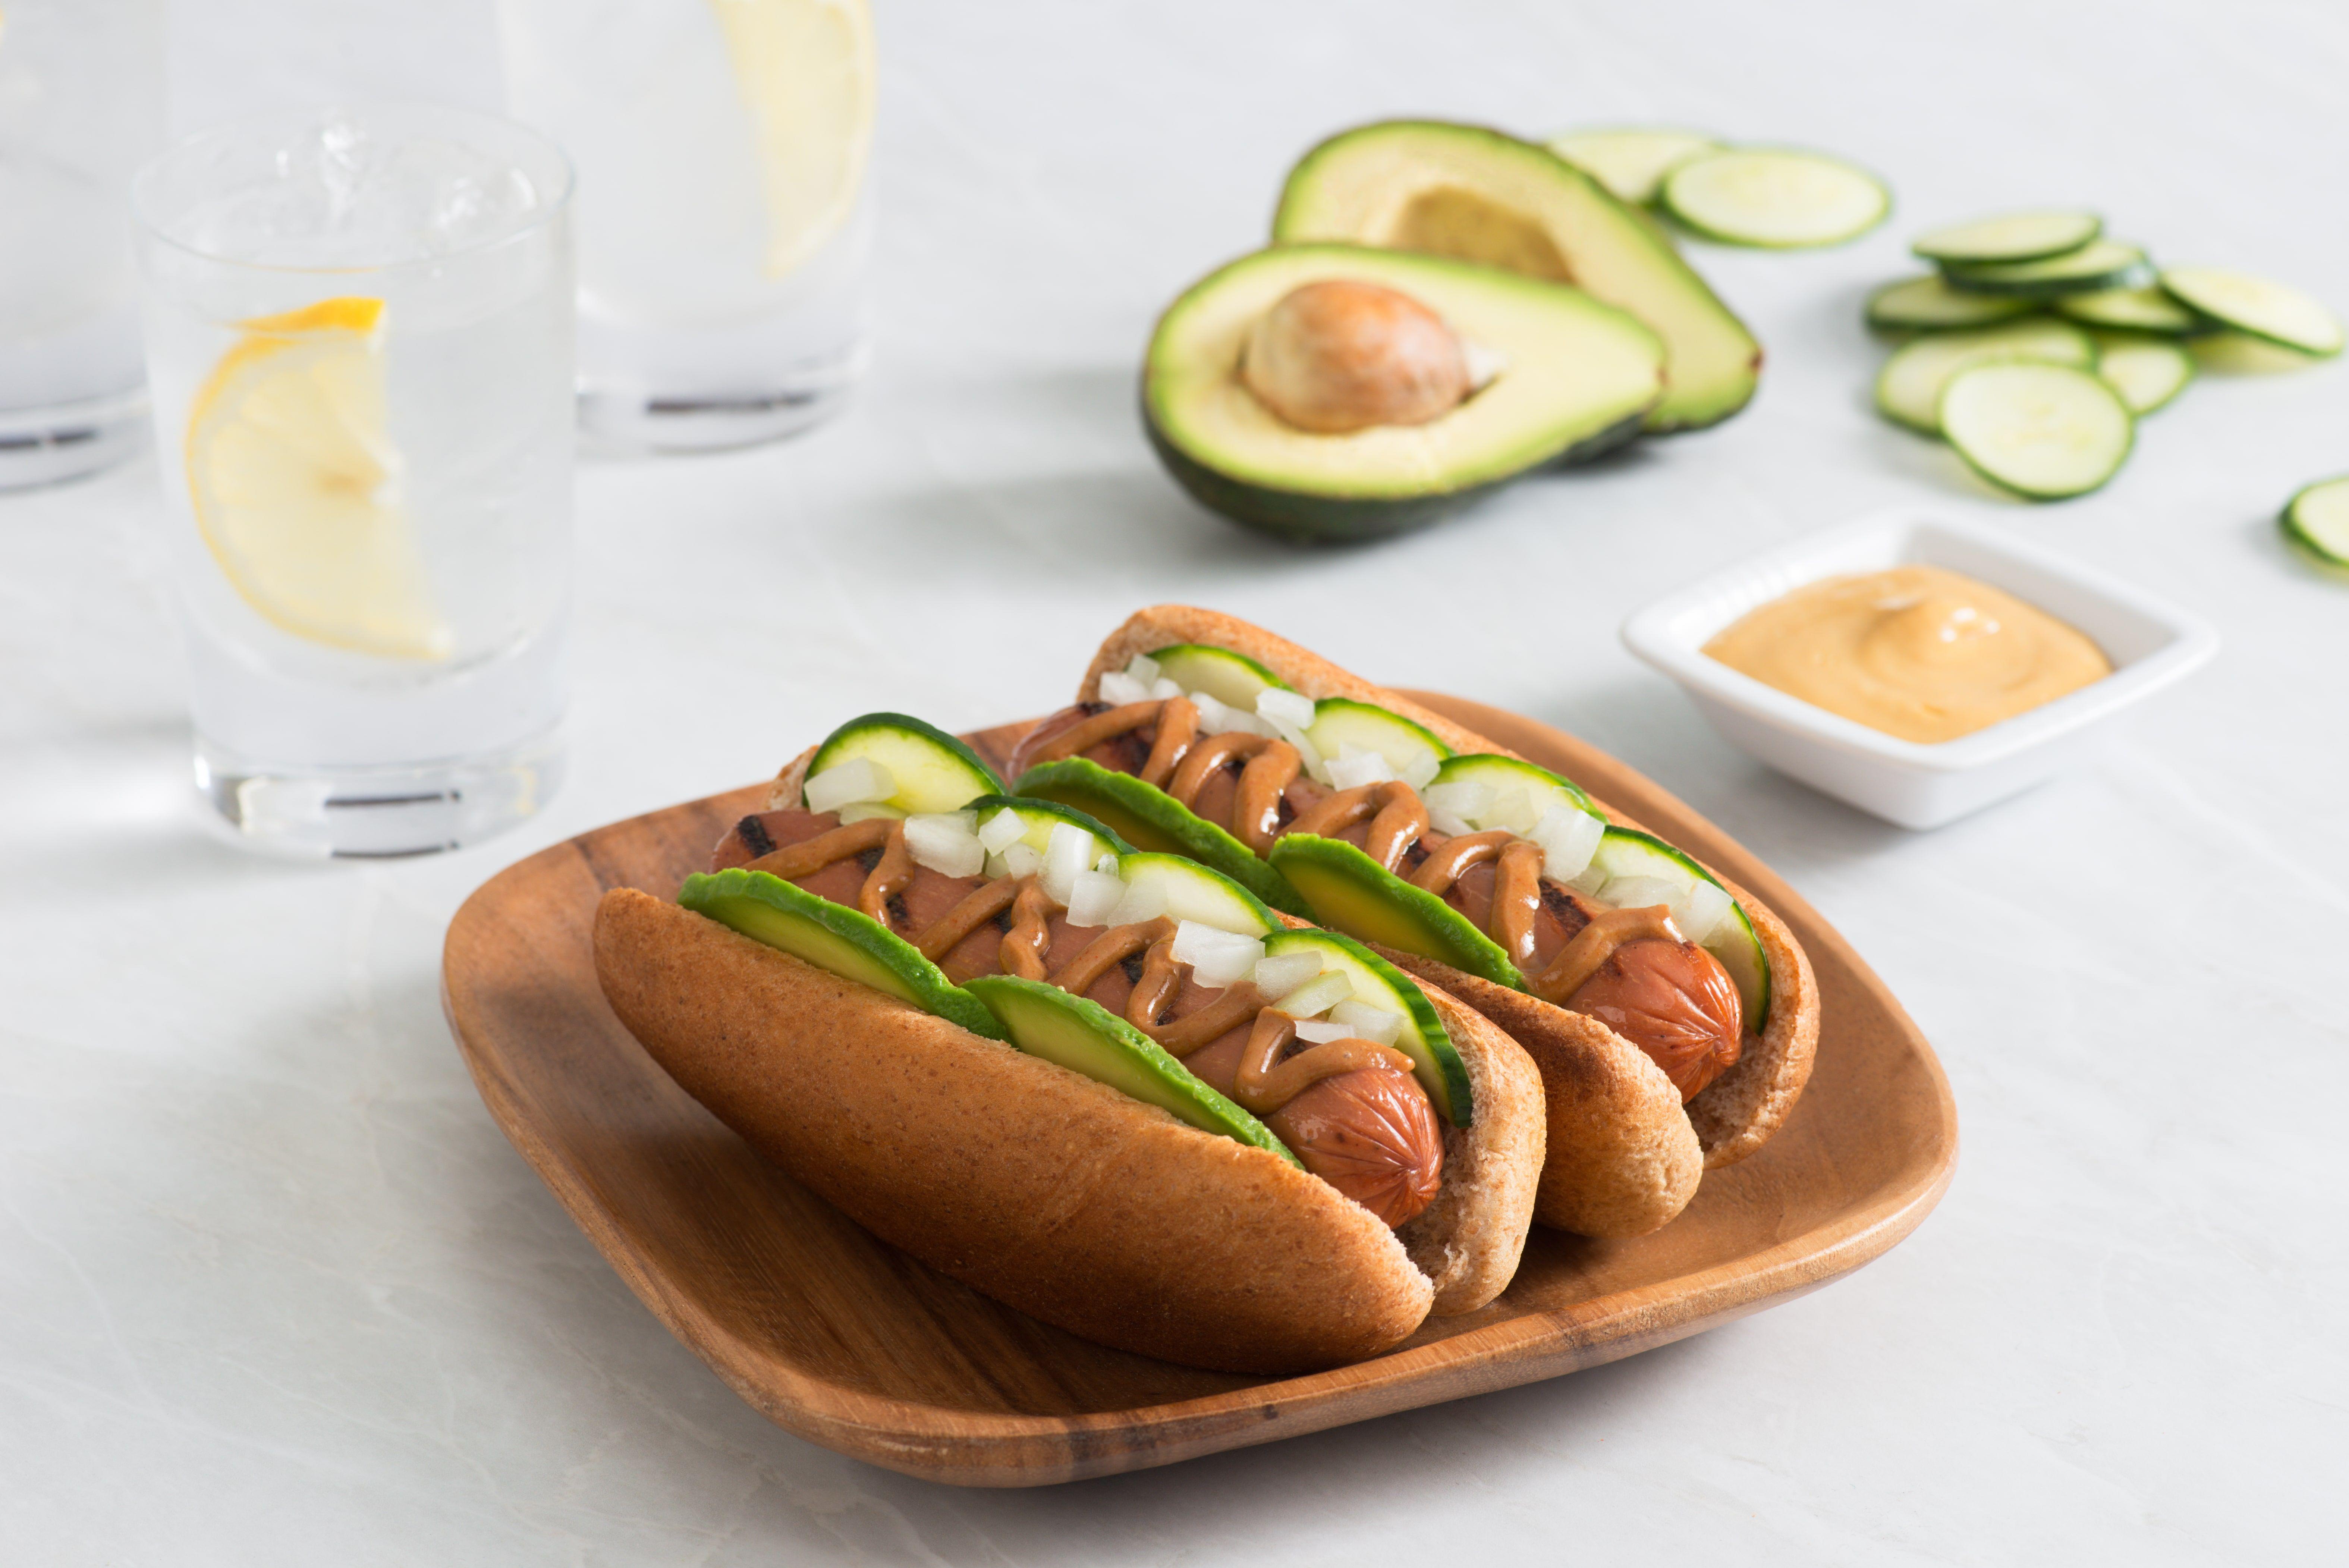 Banh Mi Hot Dog - Zabiha Halal | zabiha halal meat market